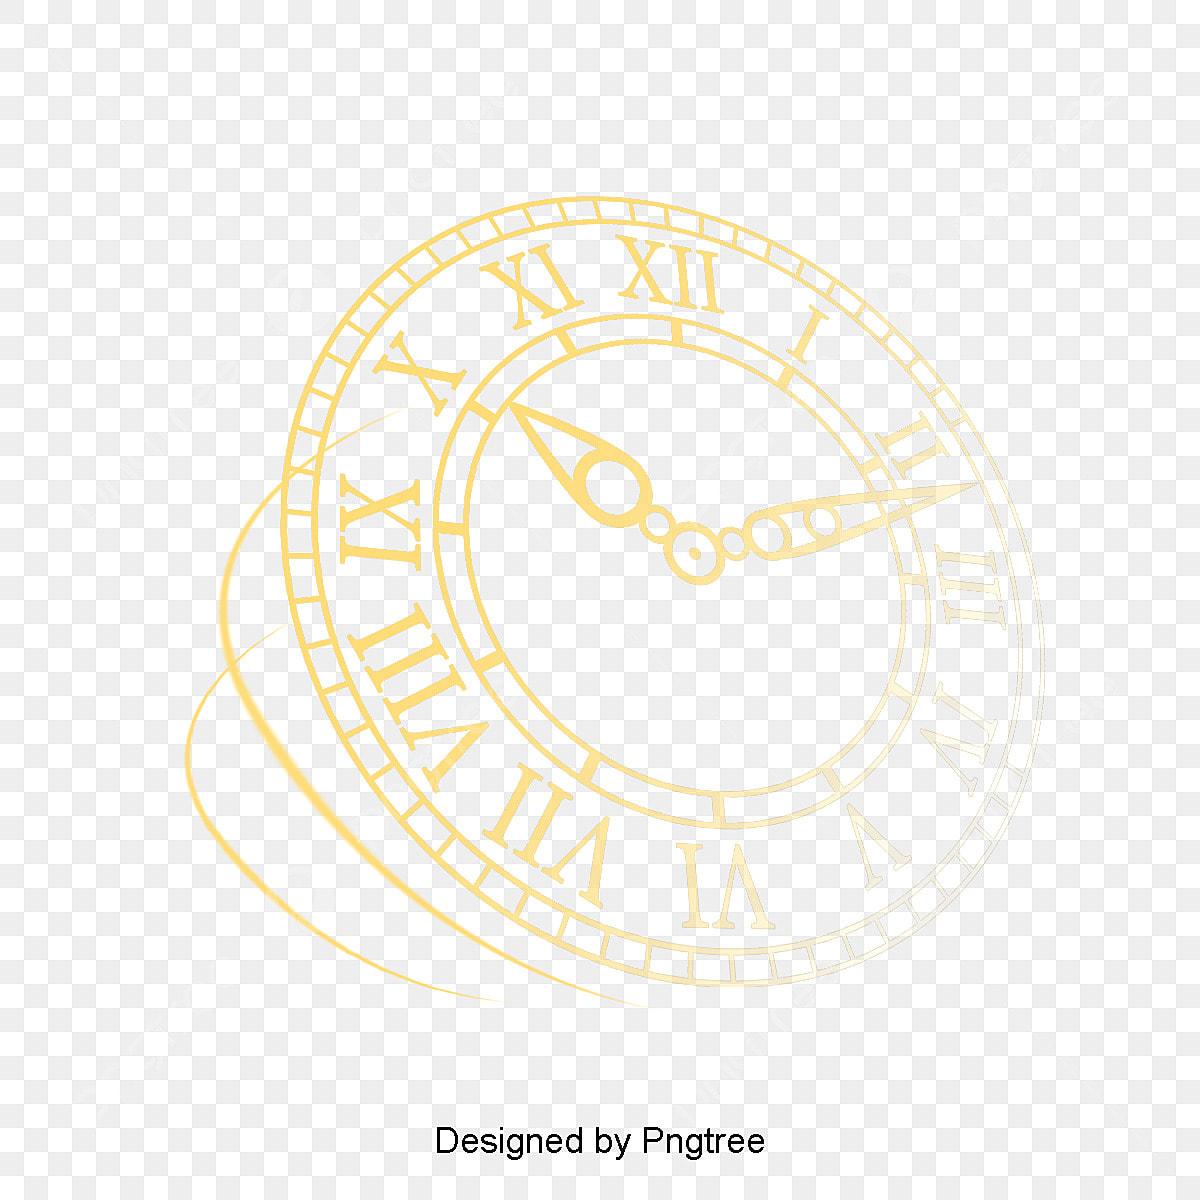 時計 時計 時計 文字盤画像とpsd素材ファイルの無料ダウンロード